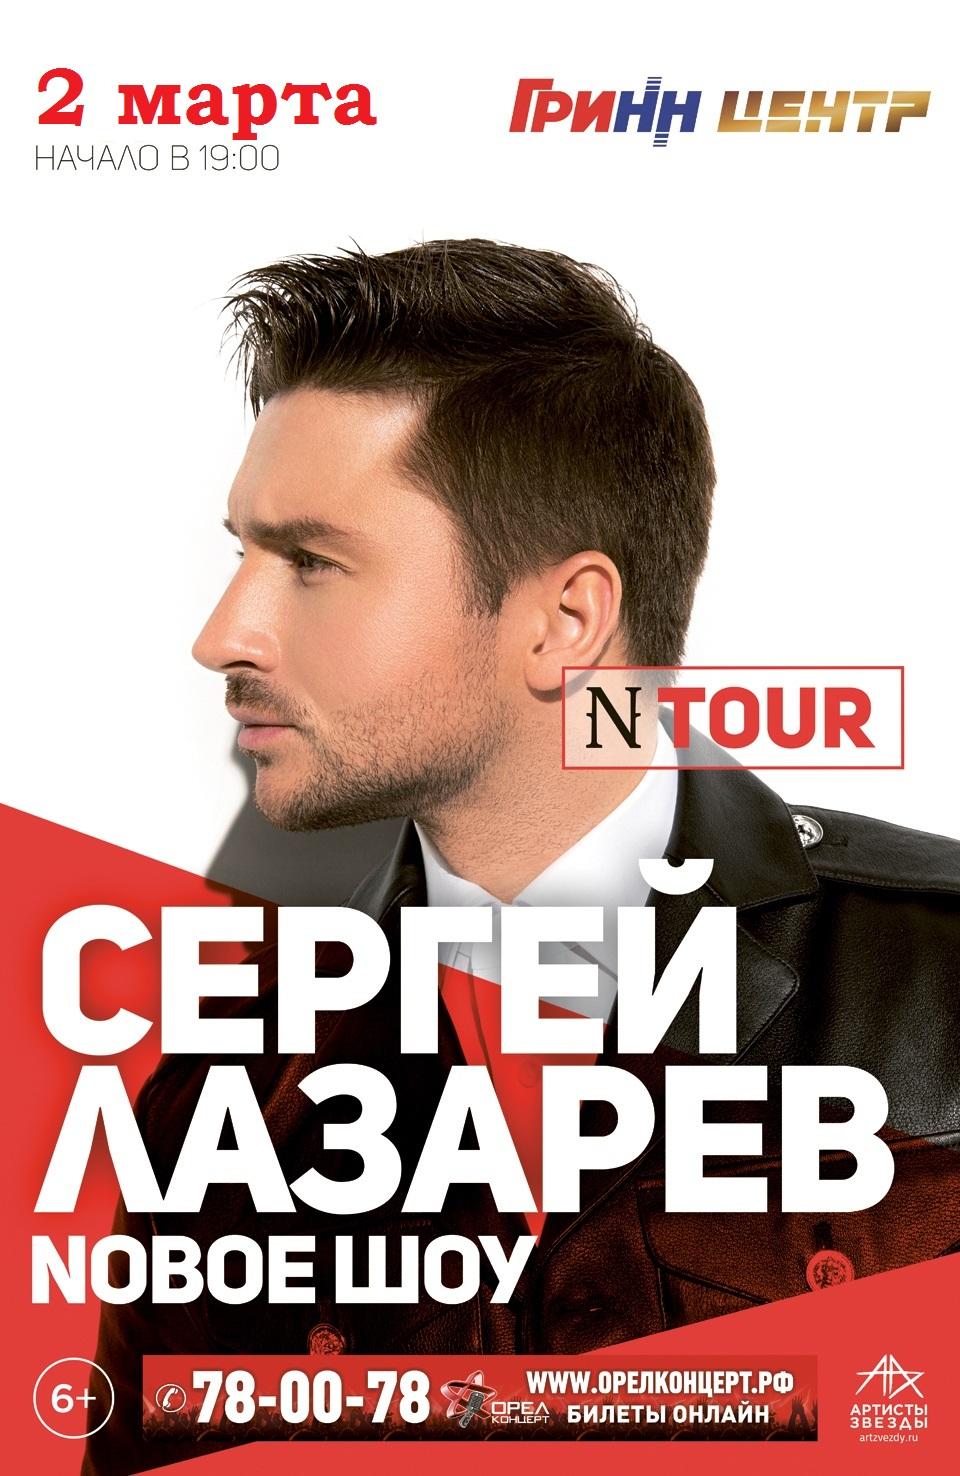 Сергей Лазарев «N-tour»